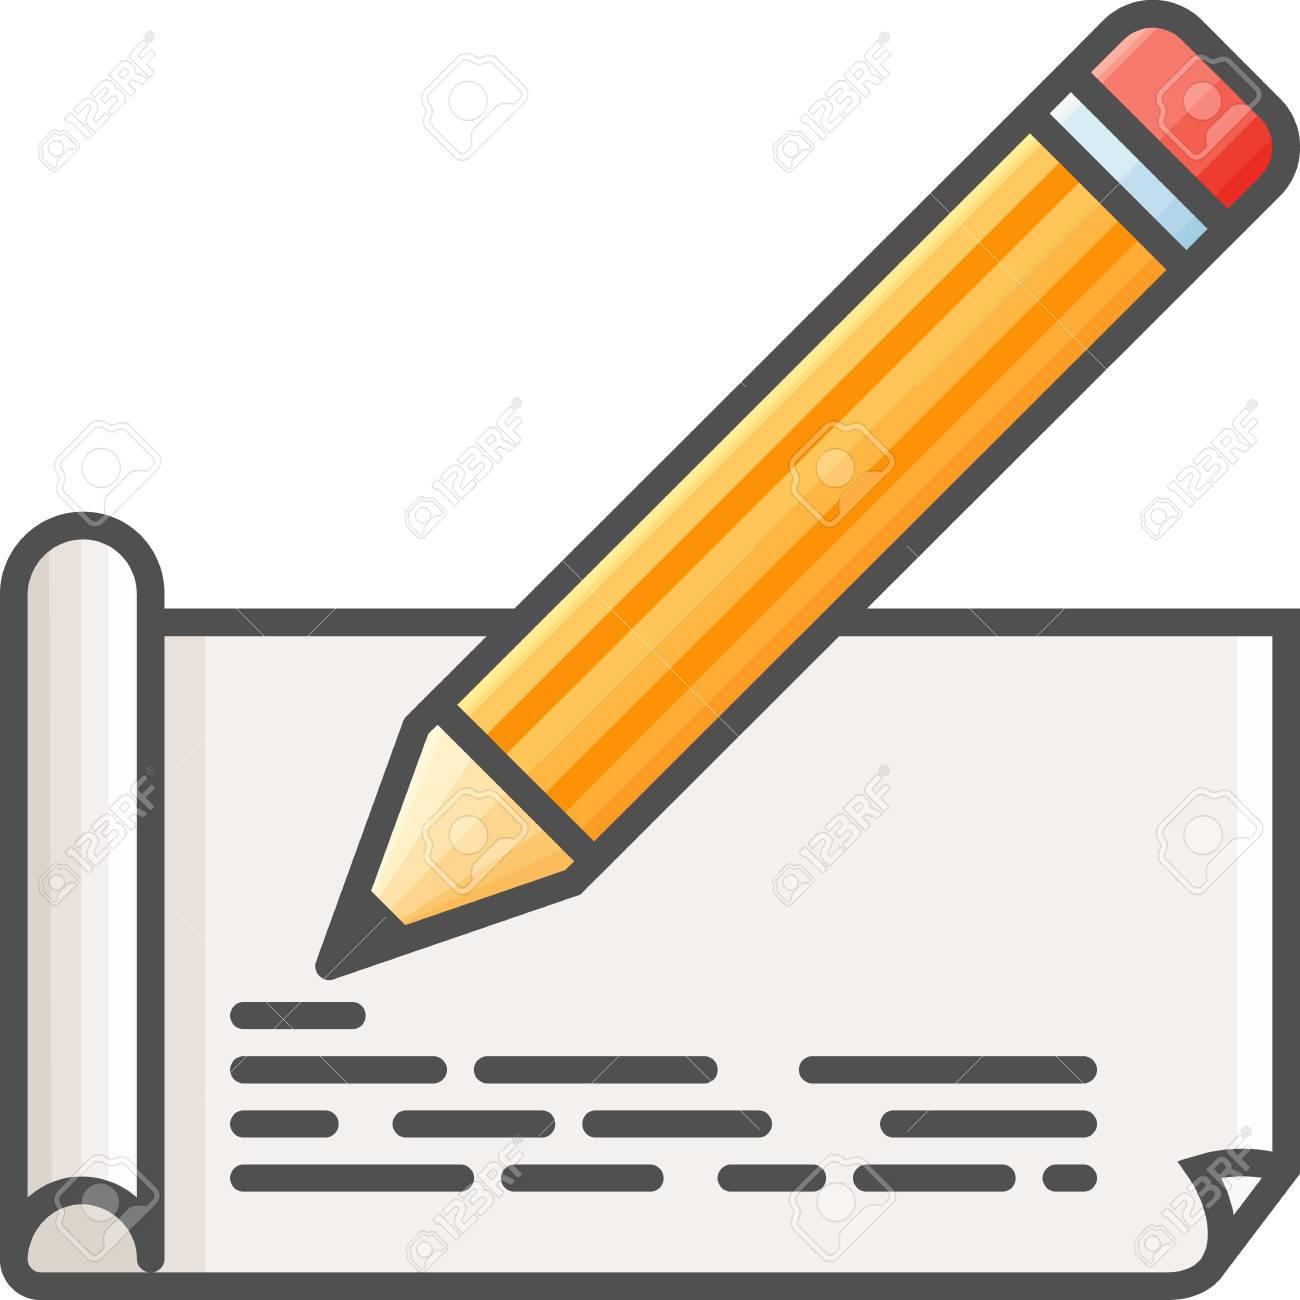 Art Simple Et Passe Temps Vector Icon Plat Papier à Dessin Au Crayon Icône De Style Plat 48x48 Pixel Parfait